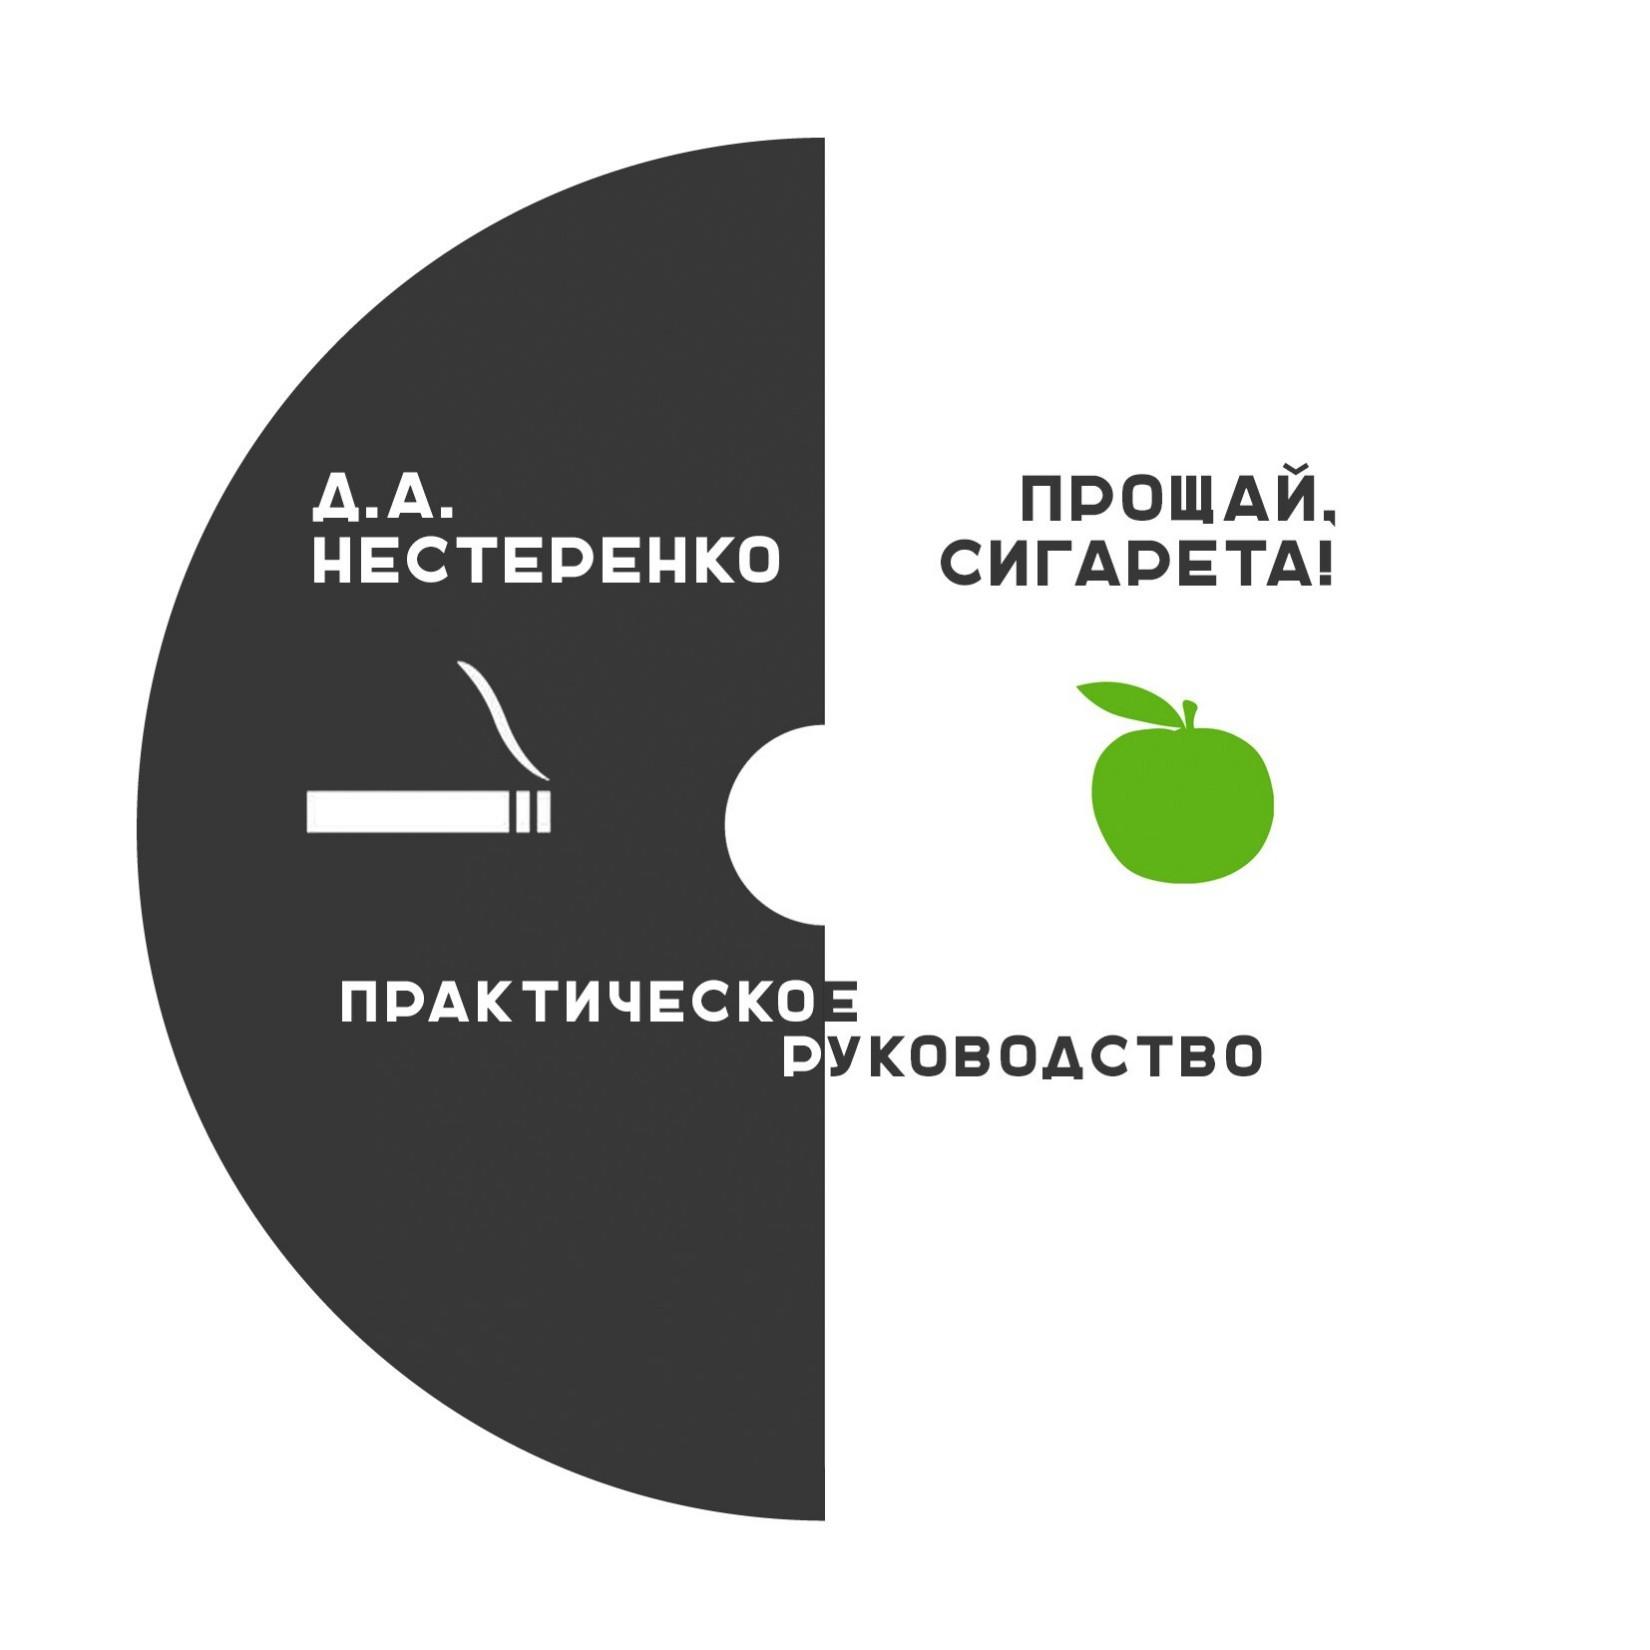 Дмитрий Анатольевич Нестеренко бесплатно